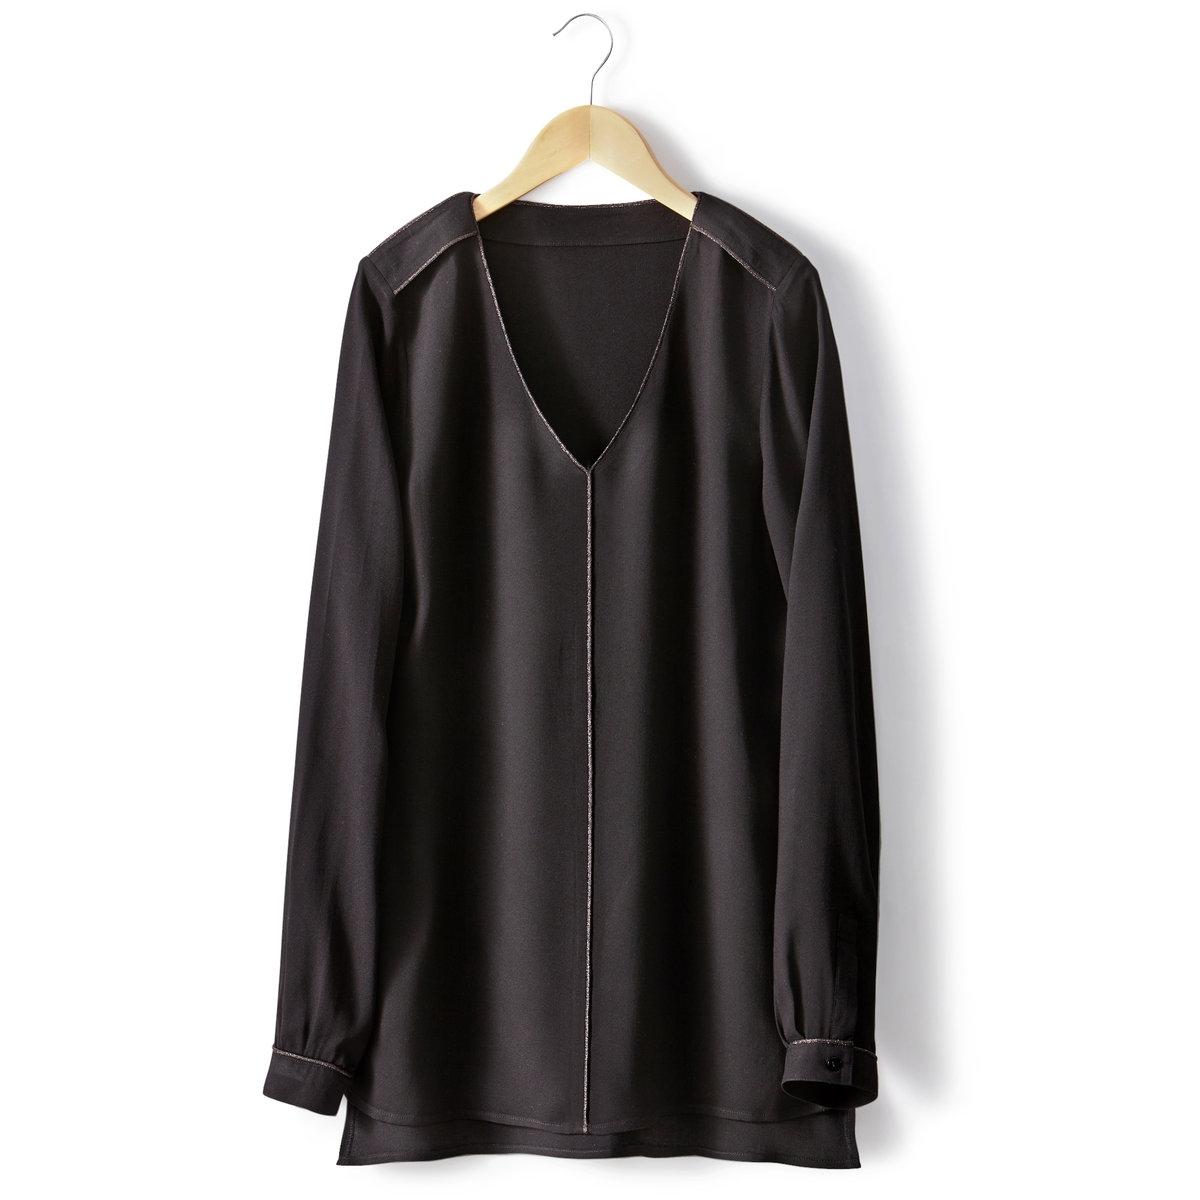 Блузка с V-образным вырезомБлуза с V-образным вырезом. 100% вискозы. Длинные рукава. Вырез, передняя часть и плечевые детали отделаны бейкой из металлизированной нити. Длина 70 см.<br><br>Цвет: черный<br>Размер: 34 (FR) - 40 (RUS)